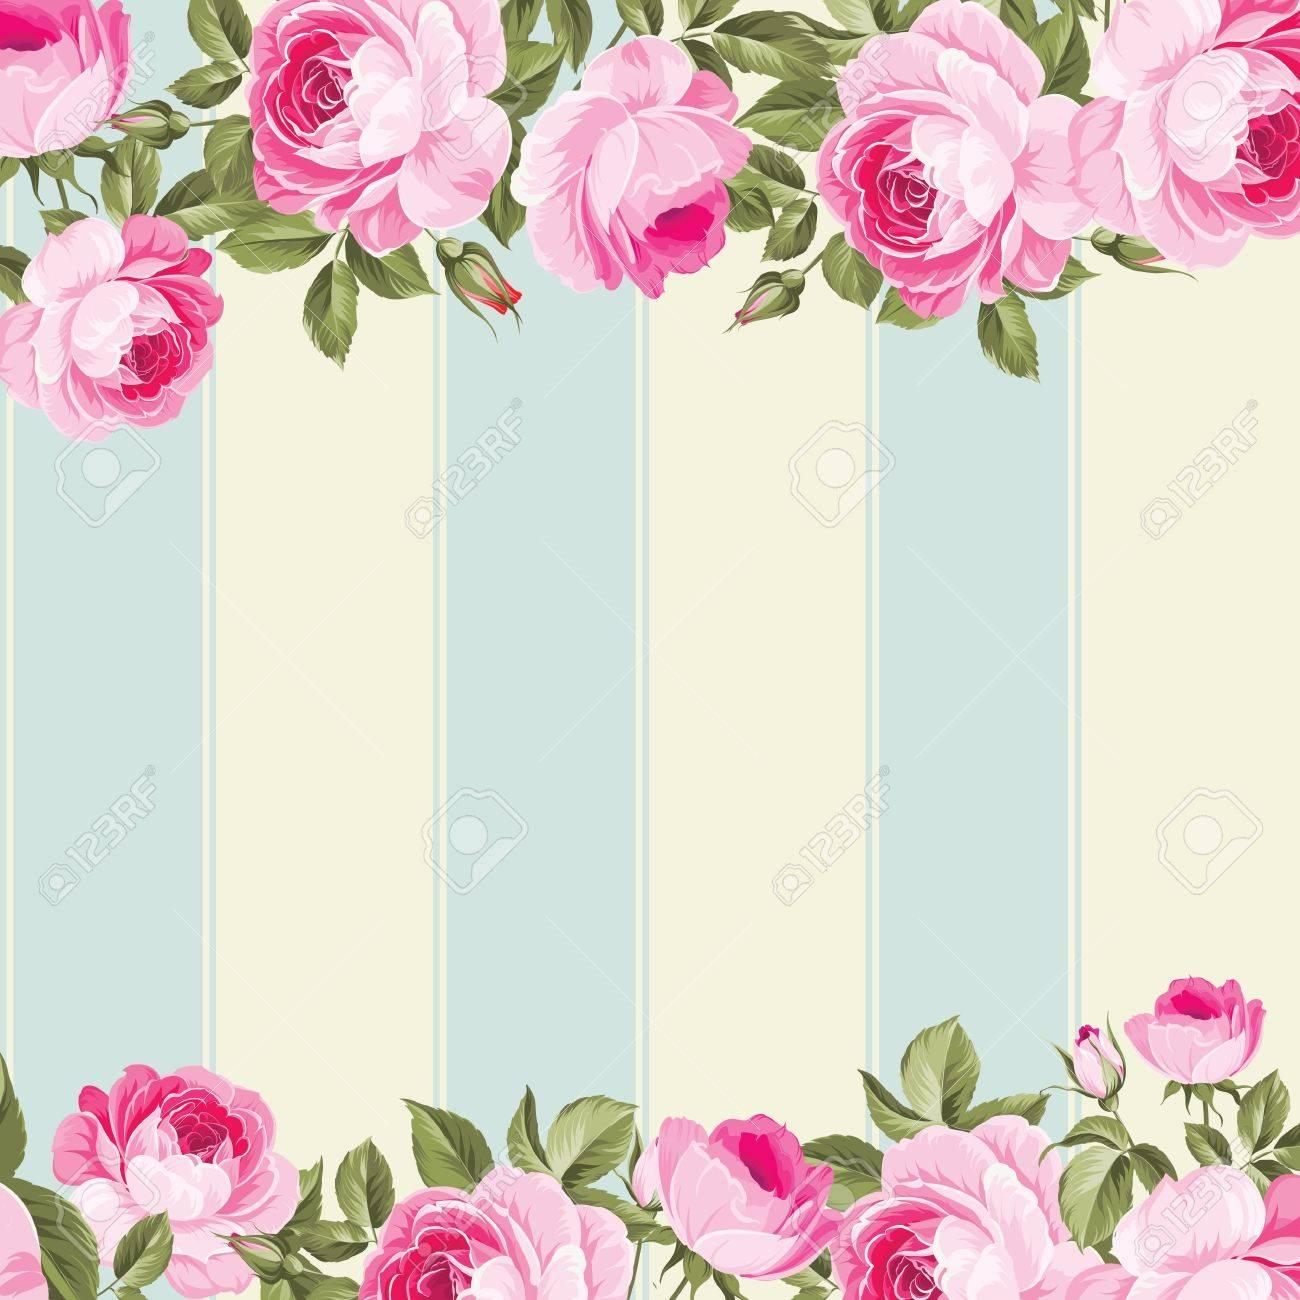 Ornate Pink Flower Border With Tile Elegant Vintage Wallpaper